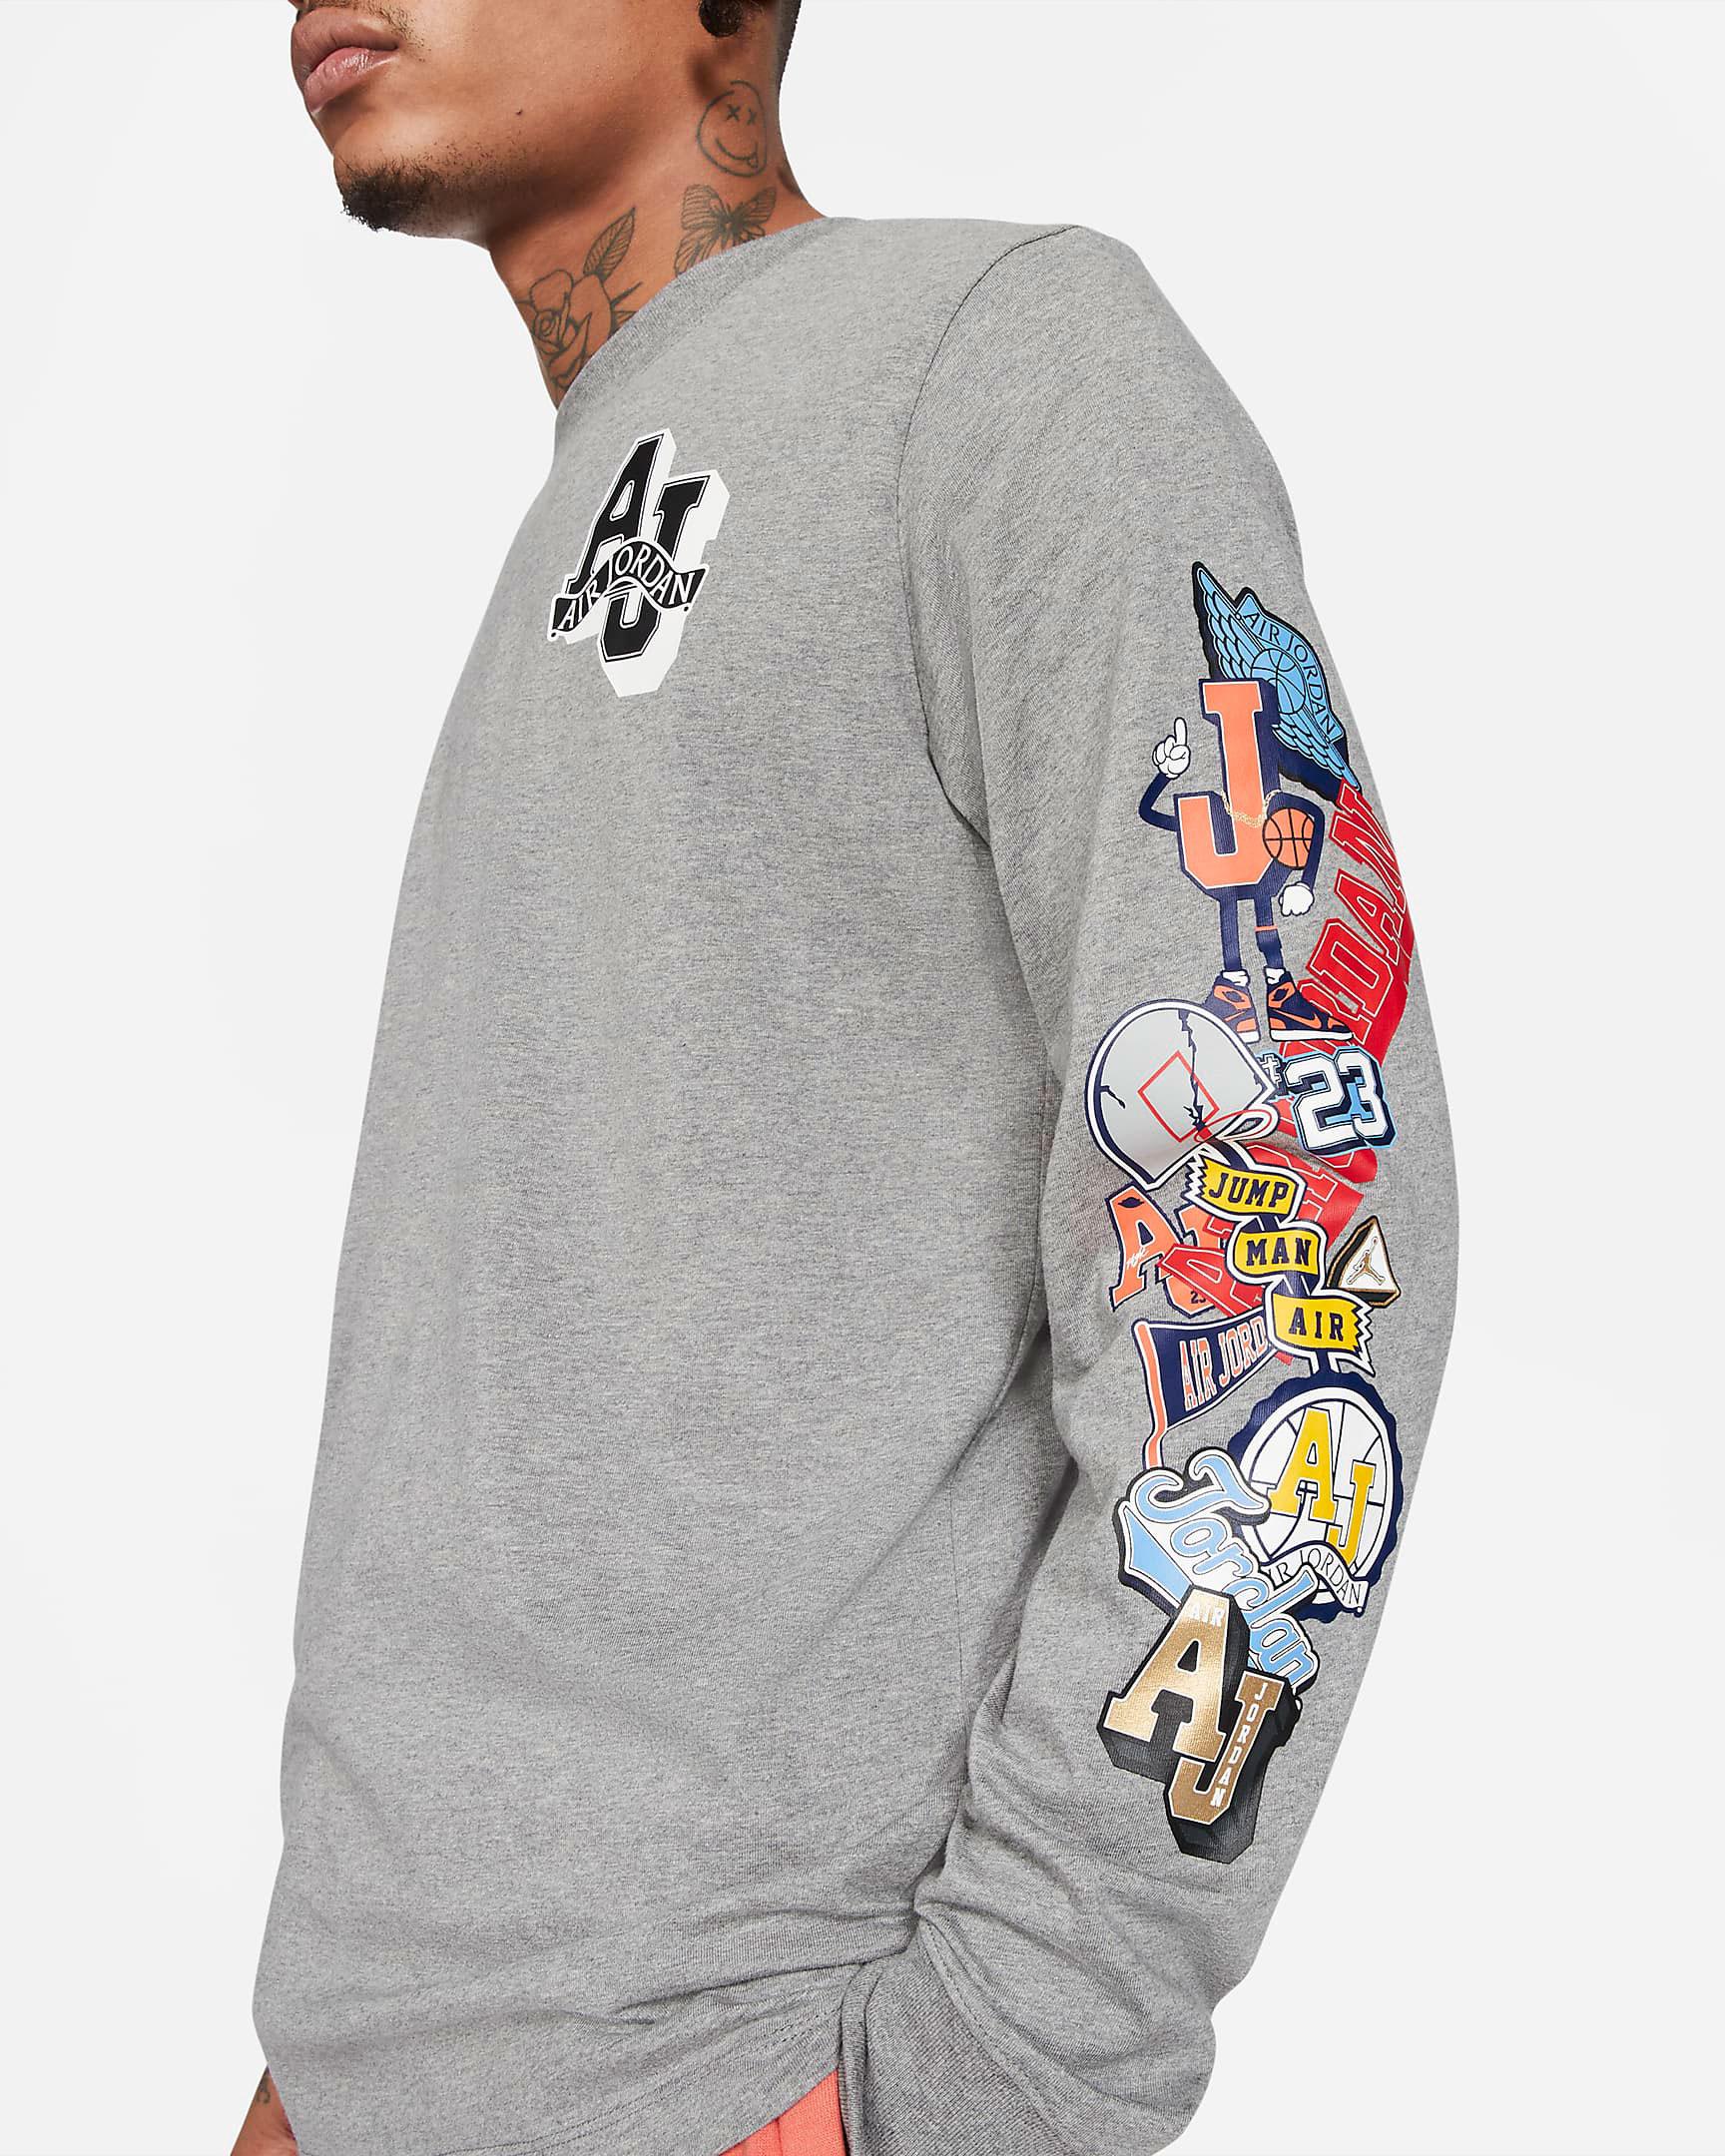 jordan-varsity-long-sleeve-shirt-grey-3